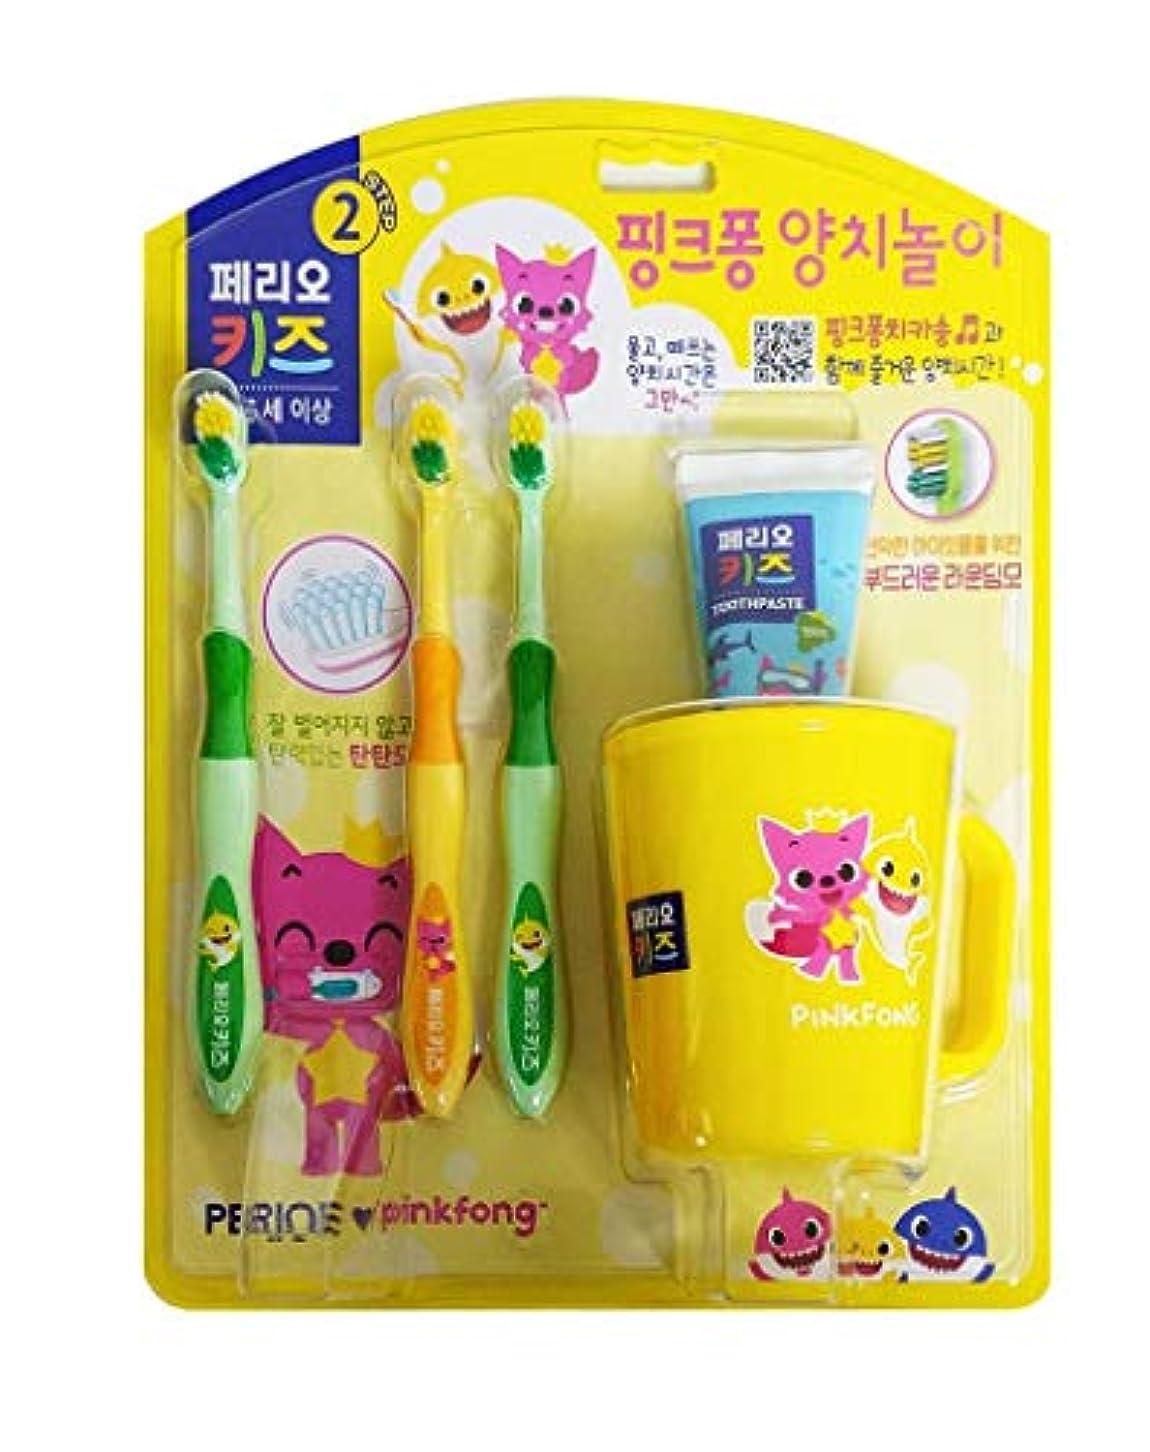 判読できないヒステリック刈るPINKFONG(ピンクポン,ピンクフォン) 子供用 歯ブラシ セット